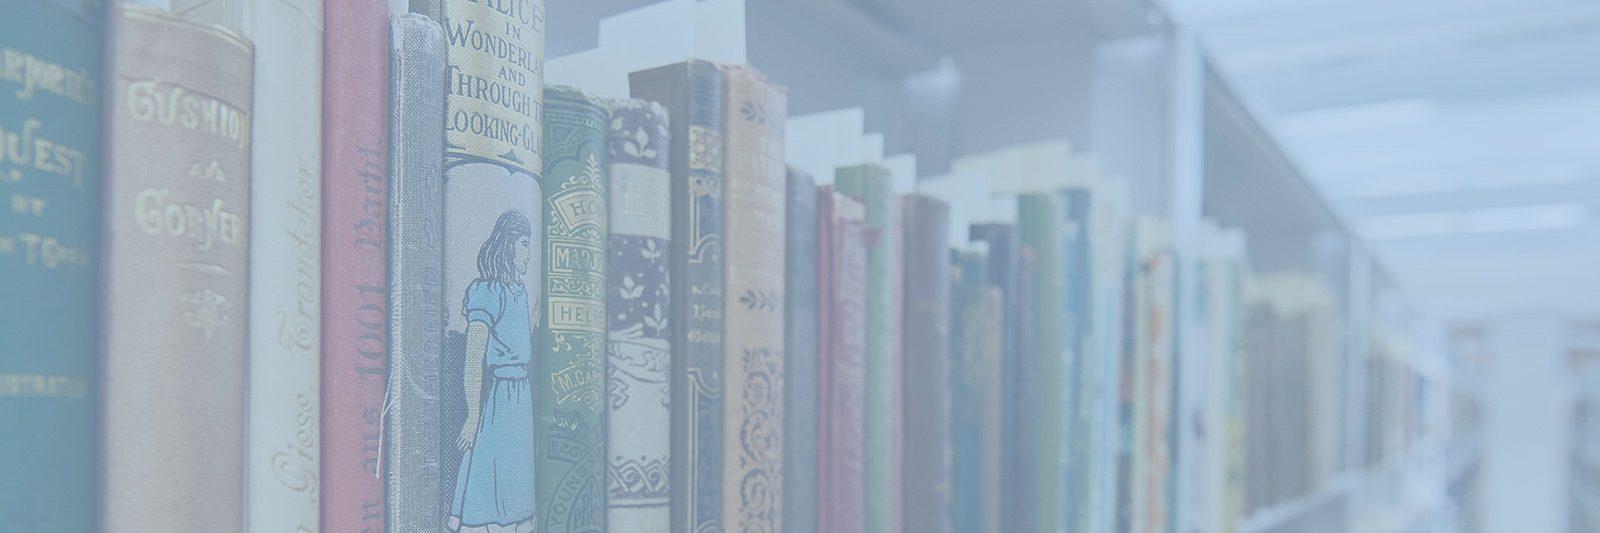 Rare Books on Shelf